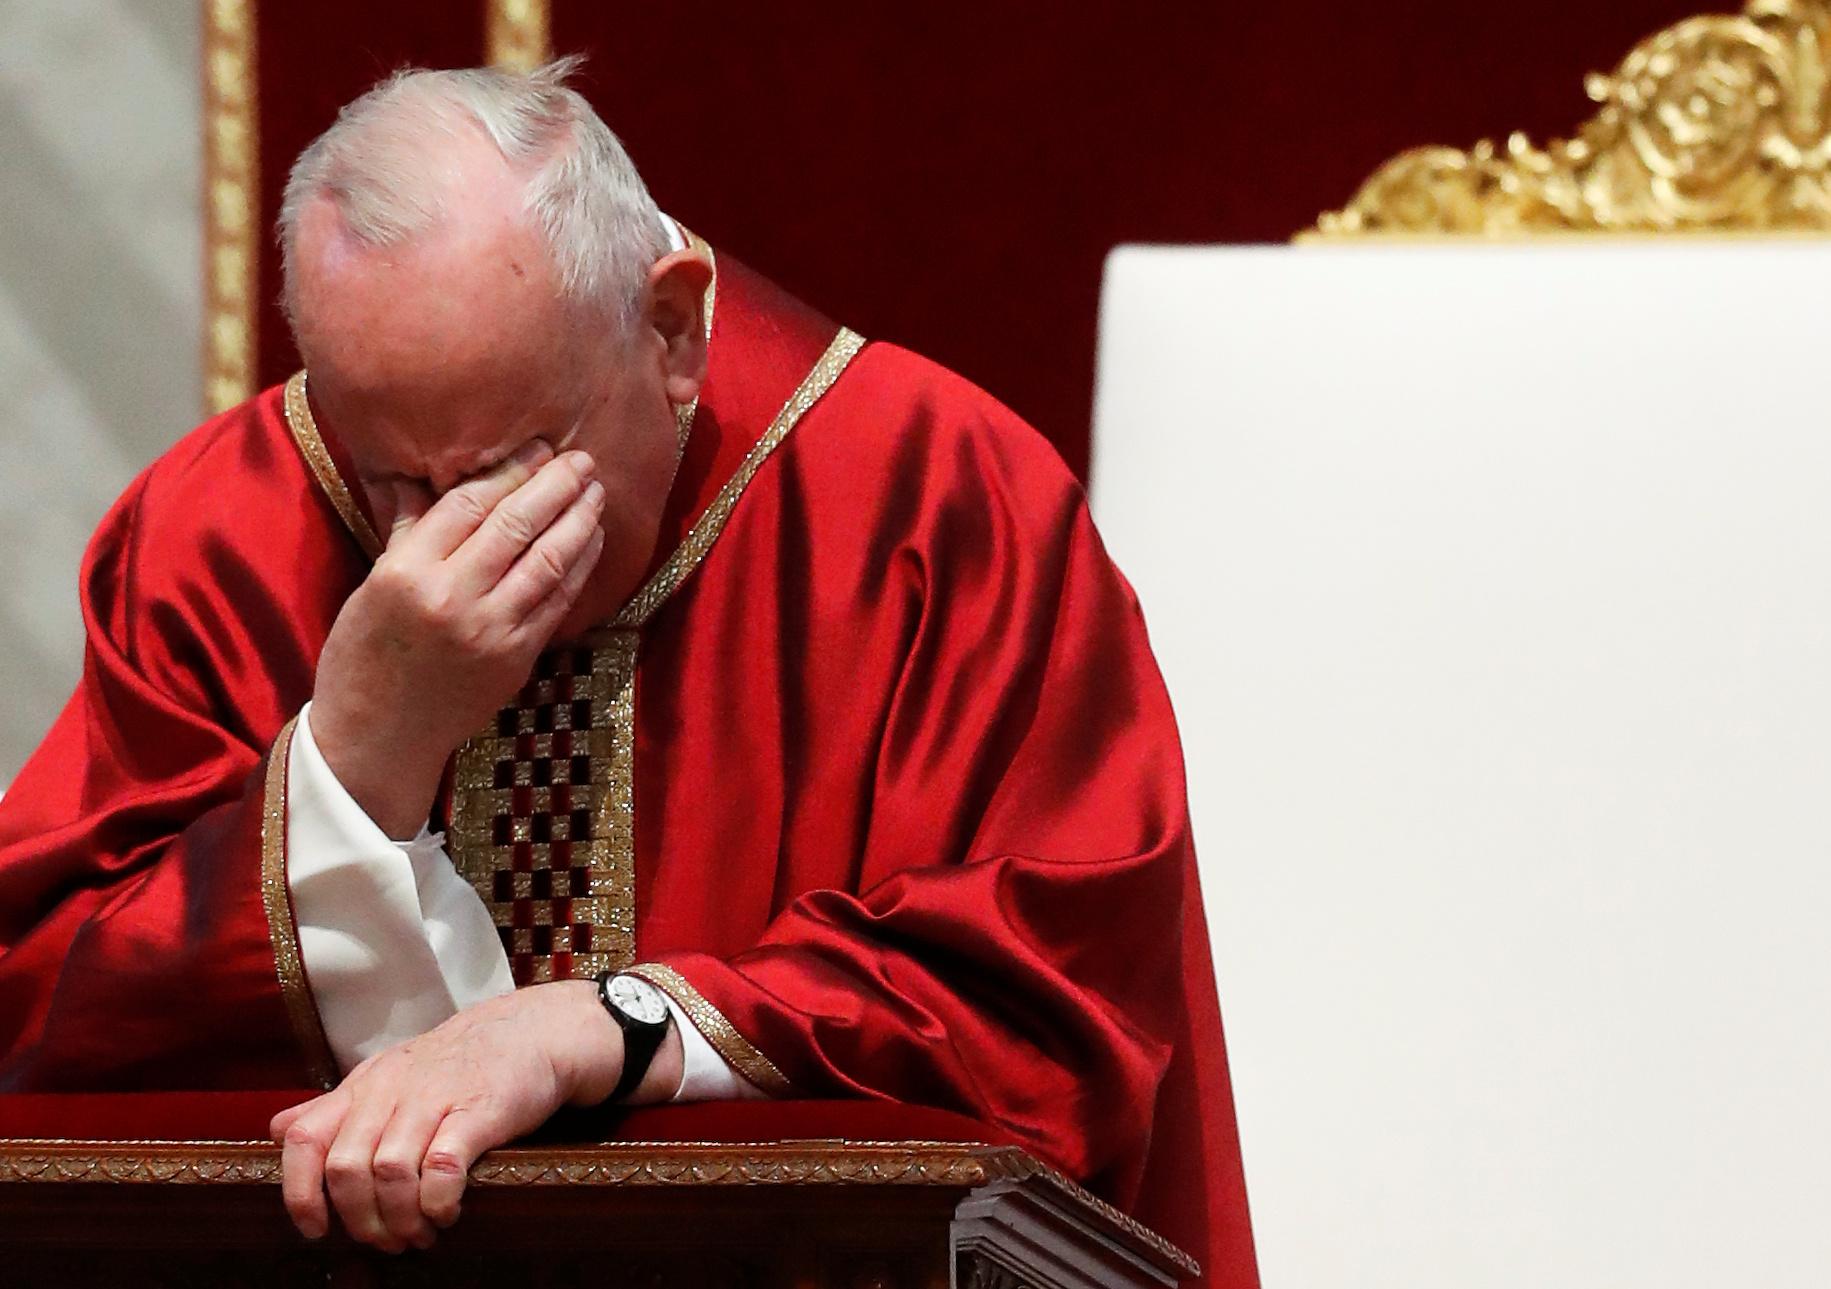 البابا فرانسيس يقود قداس الجمعة العظيمة (6)